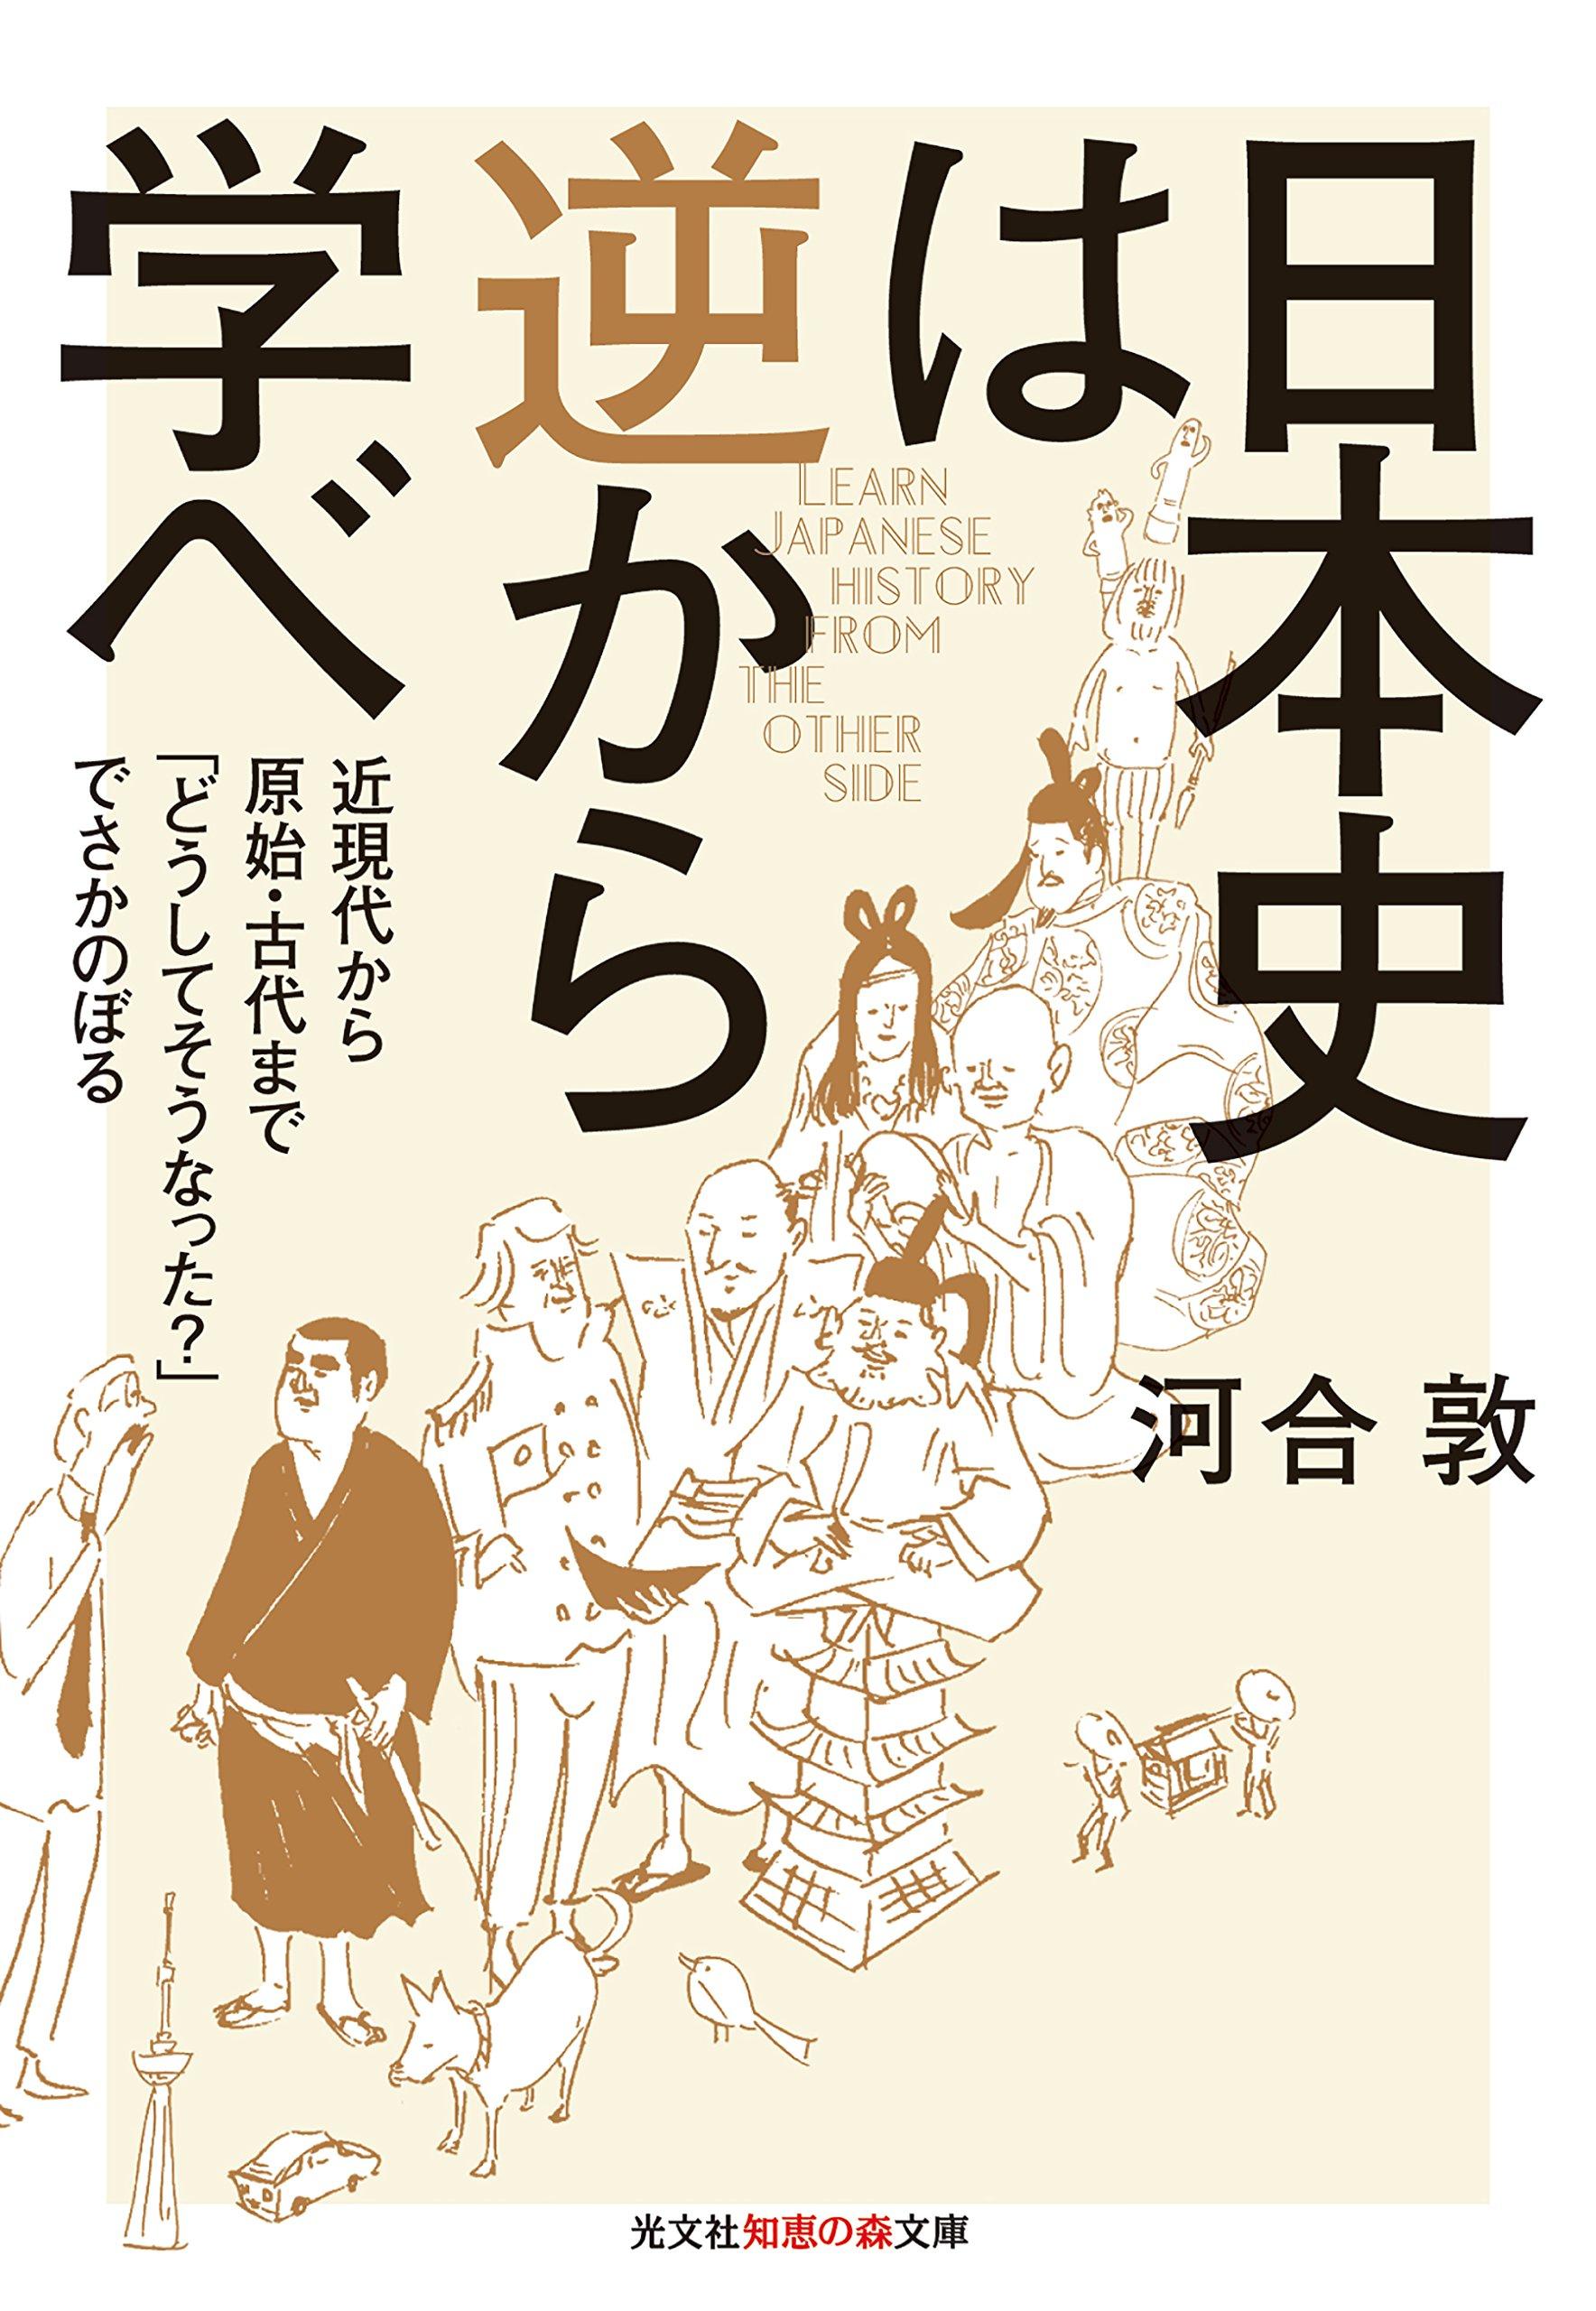 312eb5ffbb 日本史は逆から学べ 近現代から原始・古代まで「どうしてそうなった?」でさかのぼる (知恵の森文庫)   河合 敦  本   通販   Amazon